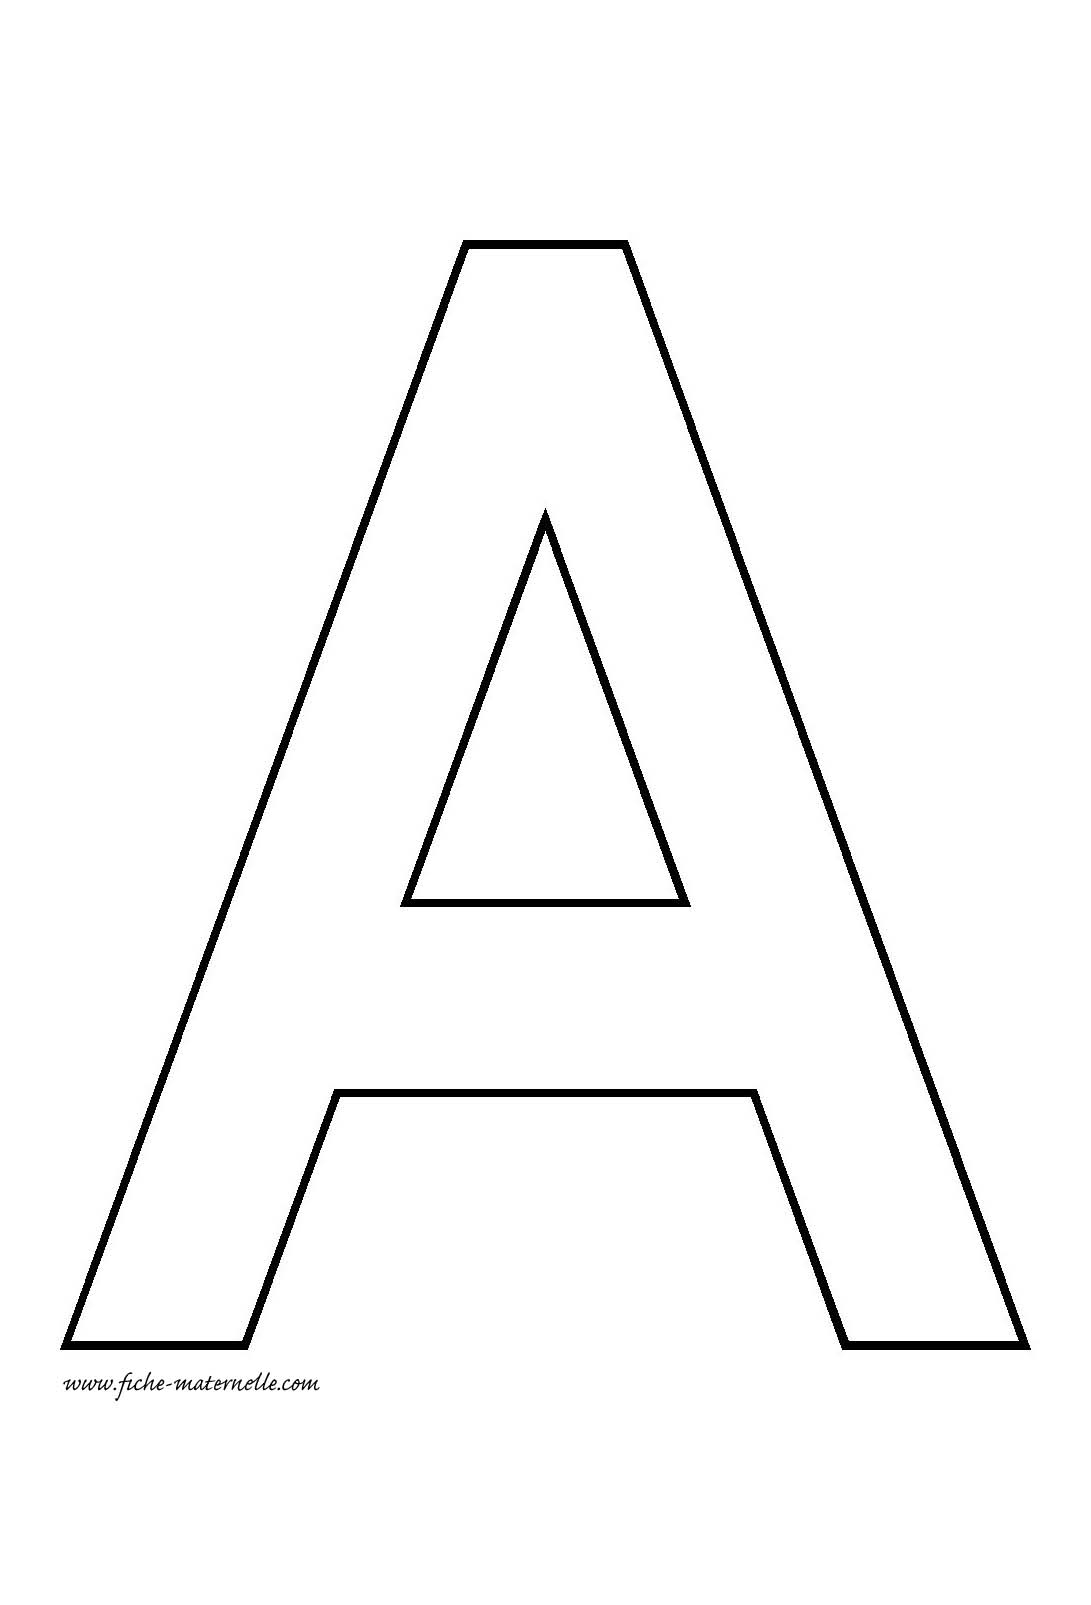 lettres capitales a - Lettre Majuscule A Imprimer